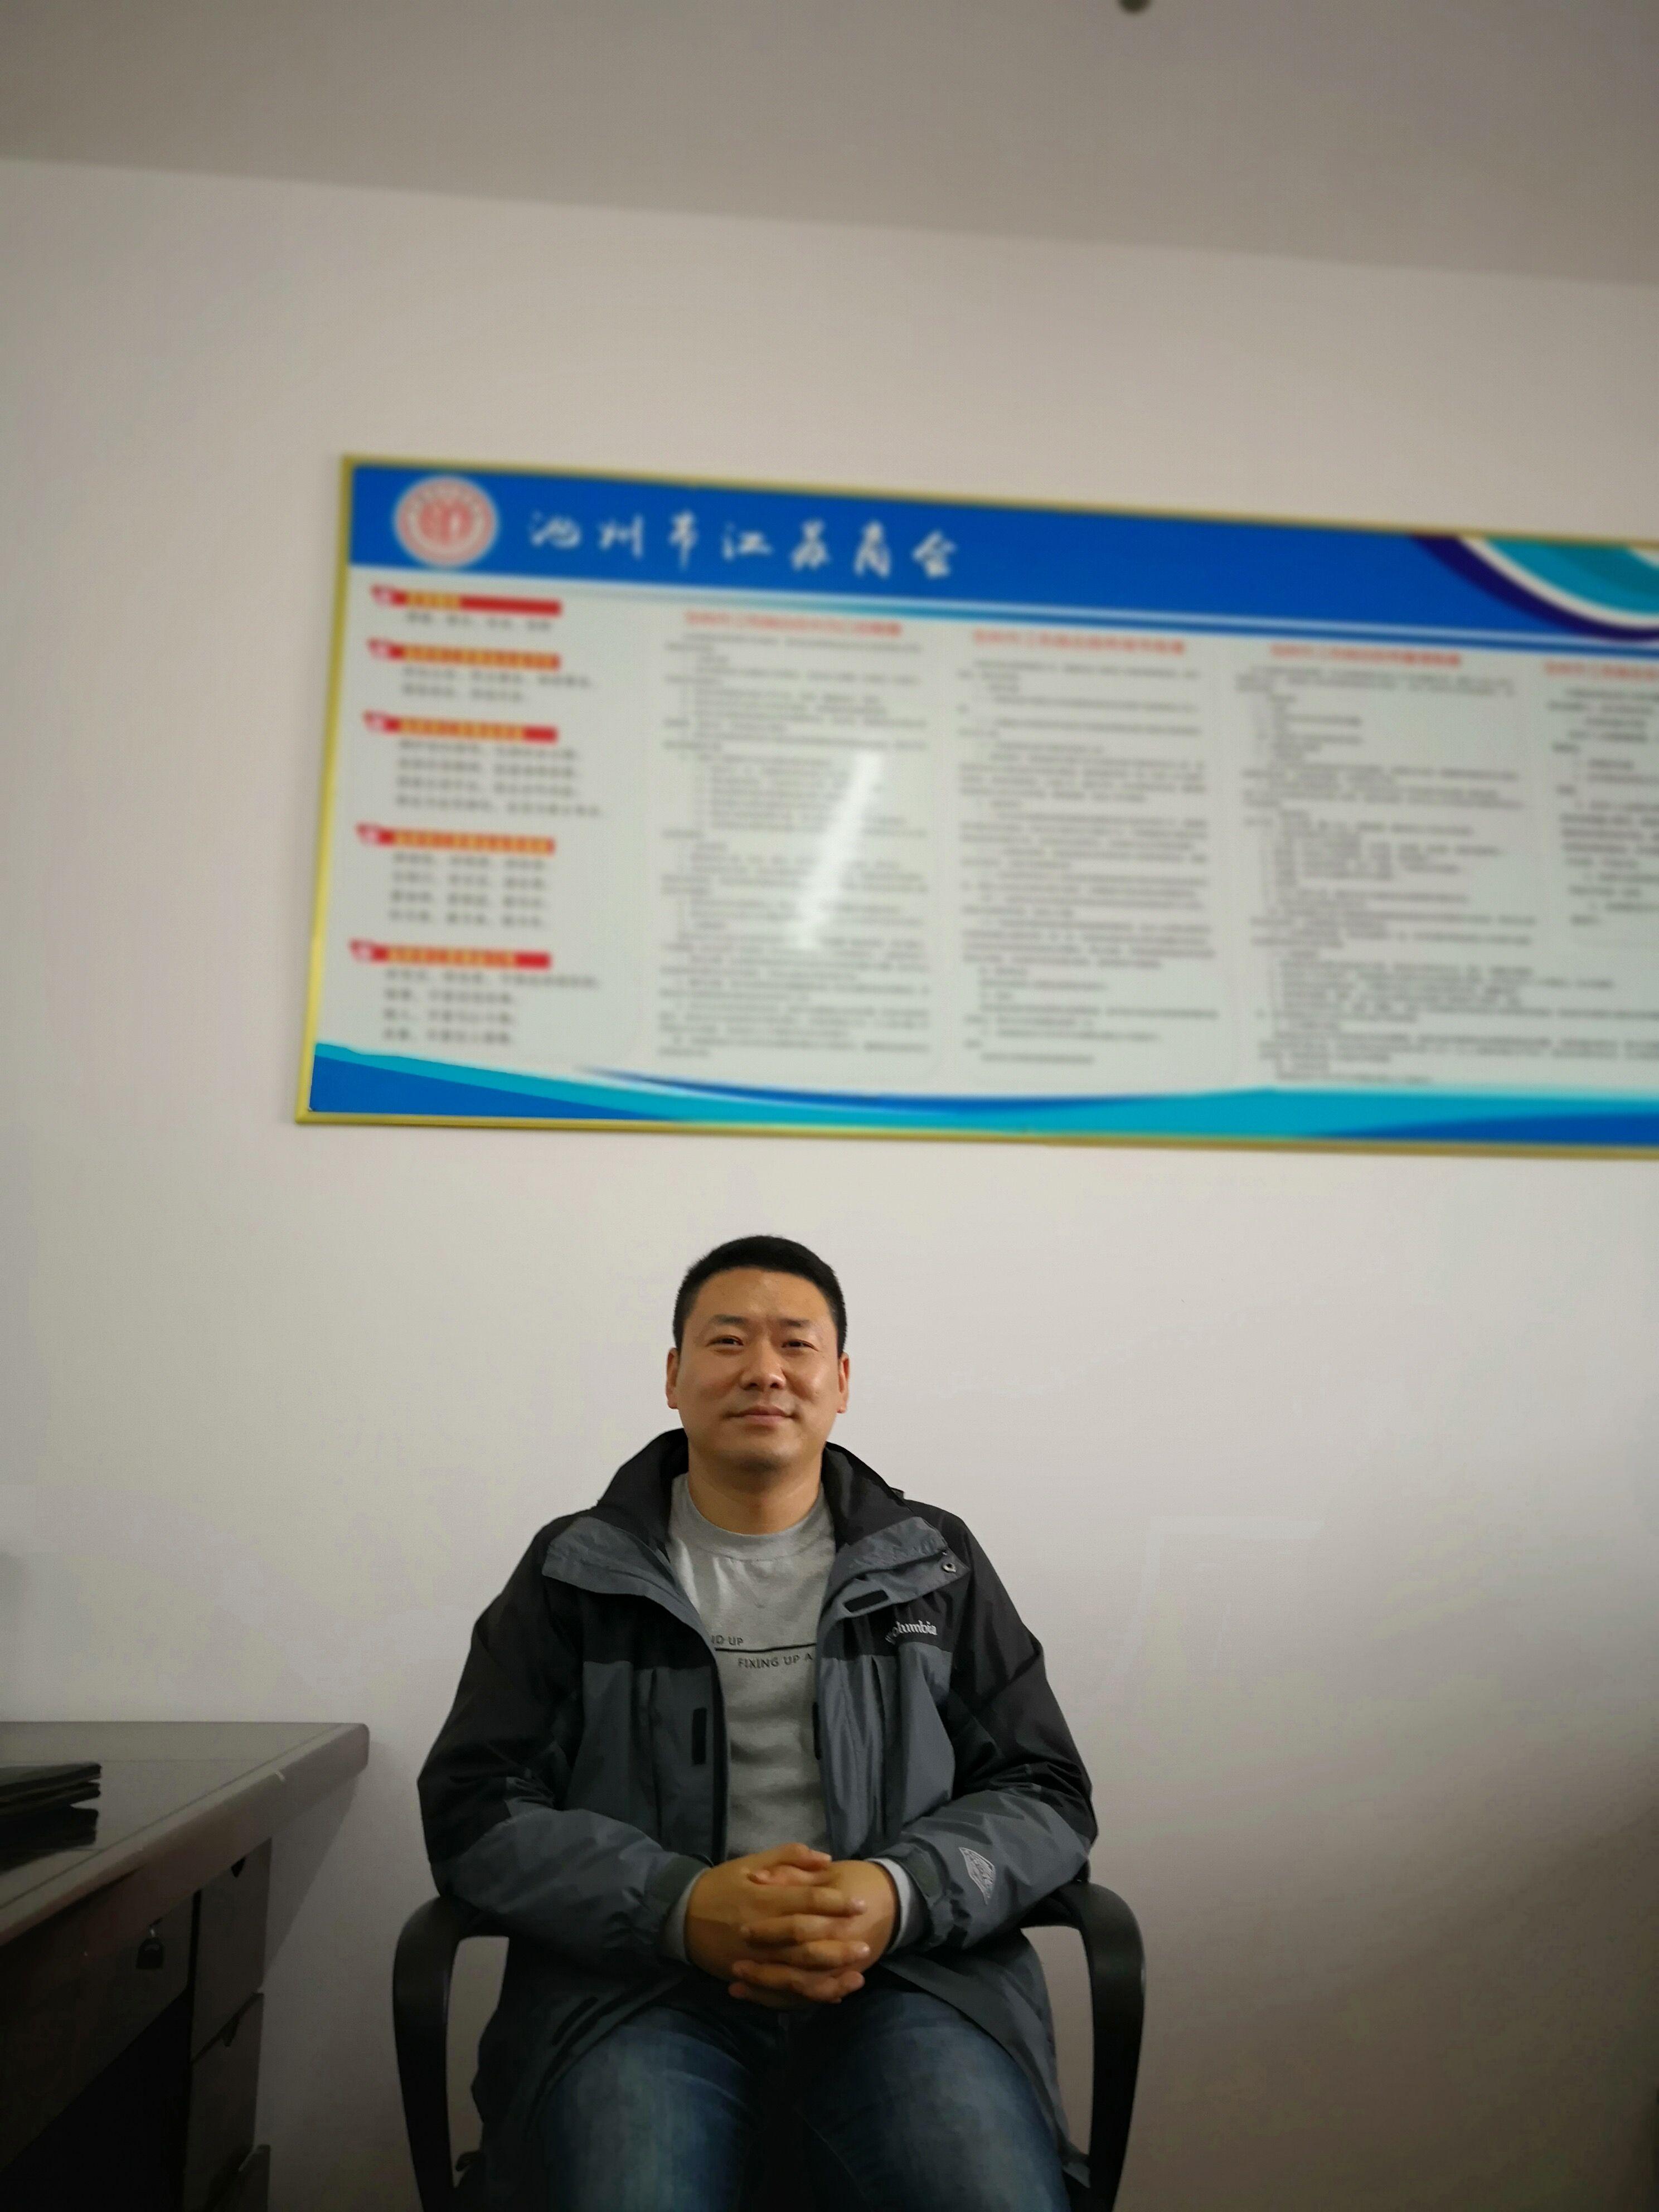 常务副会长杨静(苏酒集团安徽片千赢官方网站分公司经理)